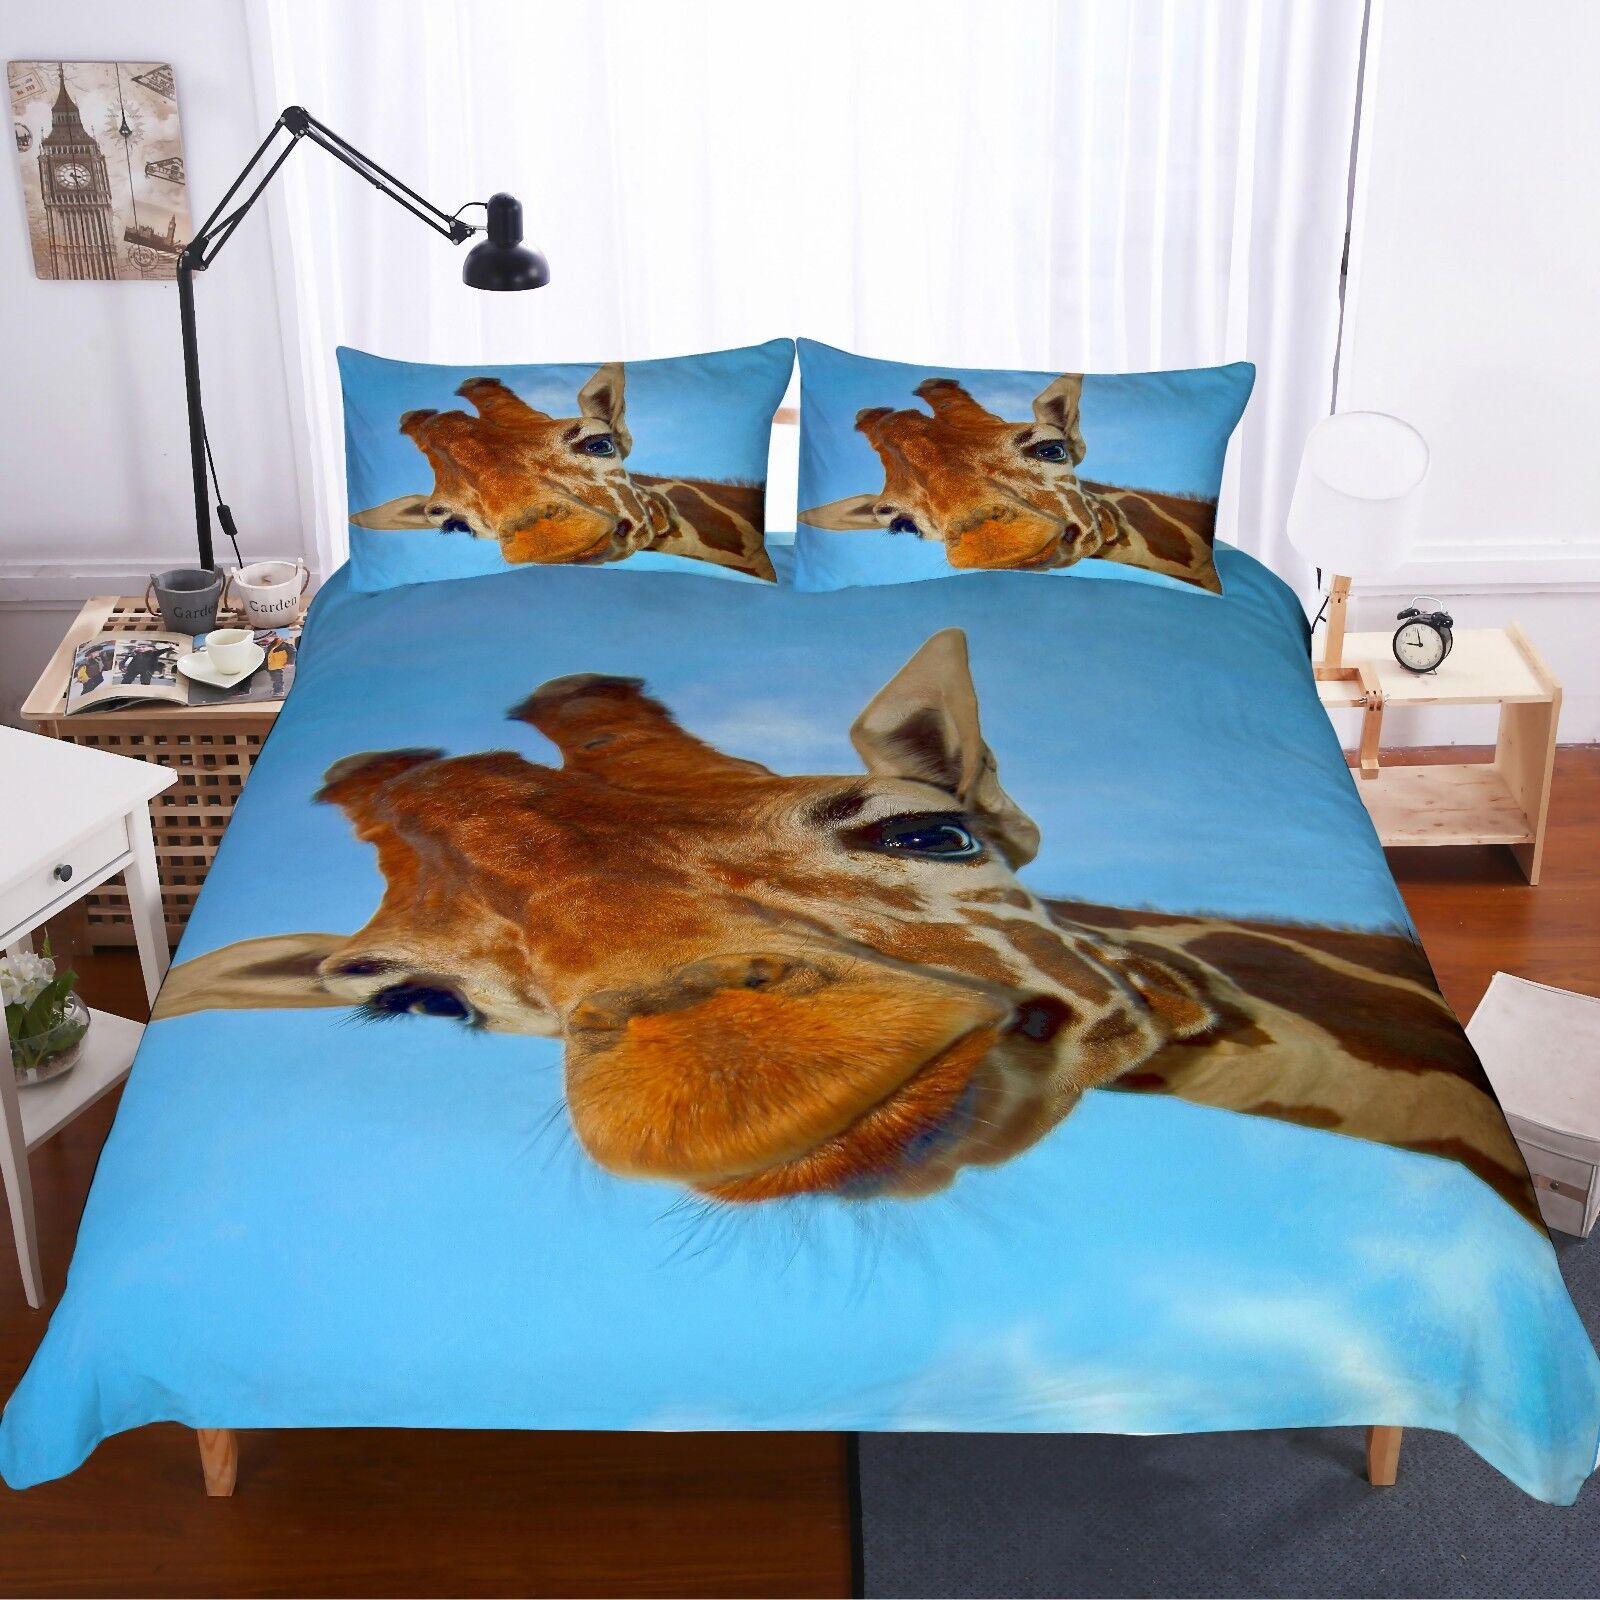 3D Giraffe Bedding Set Duvet Cover Comforter Cover Pillow Case New